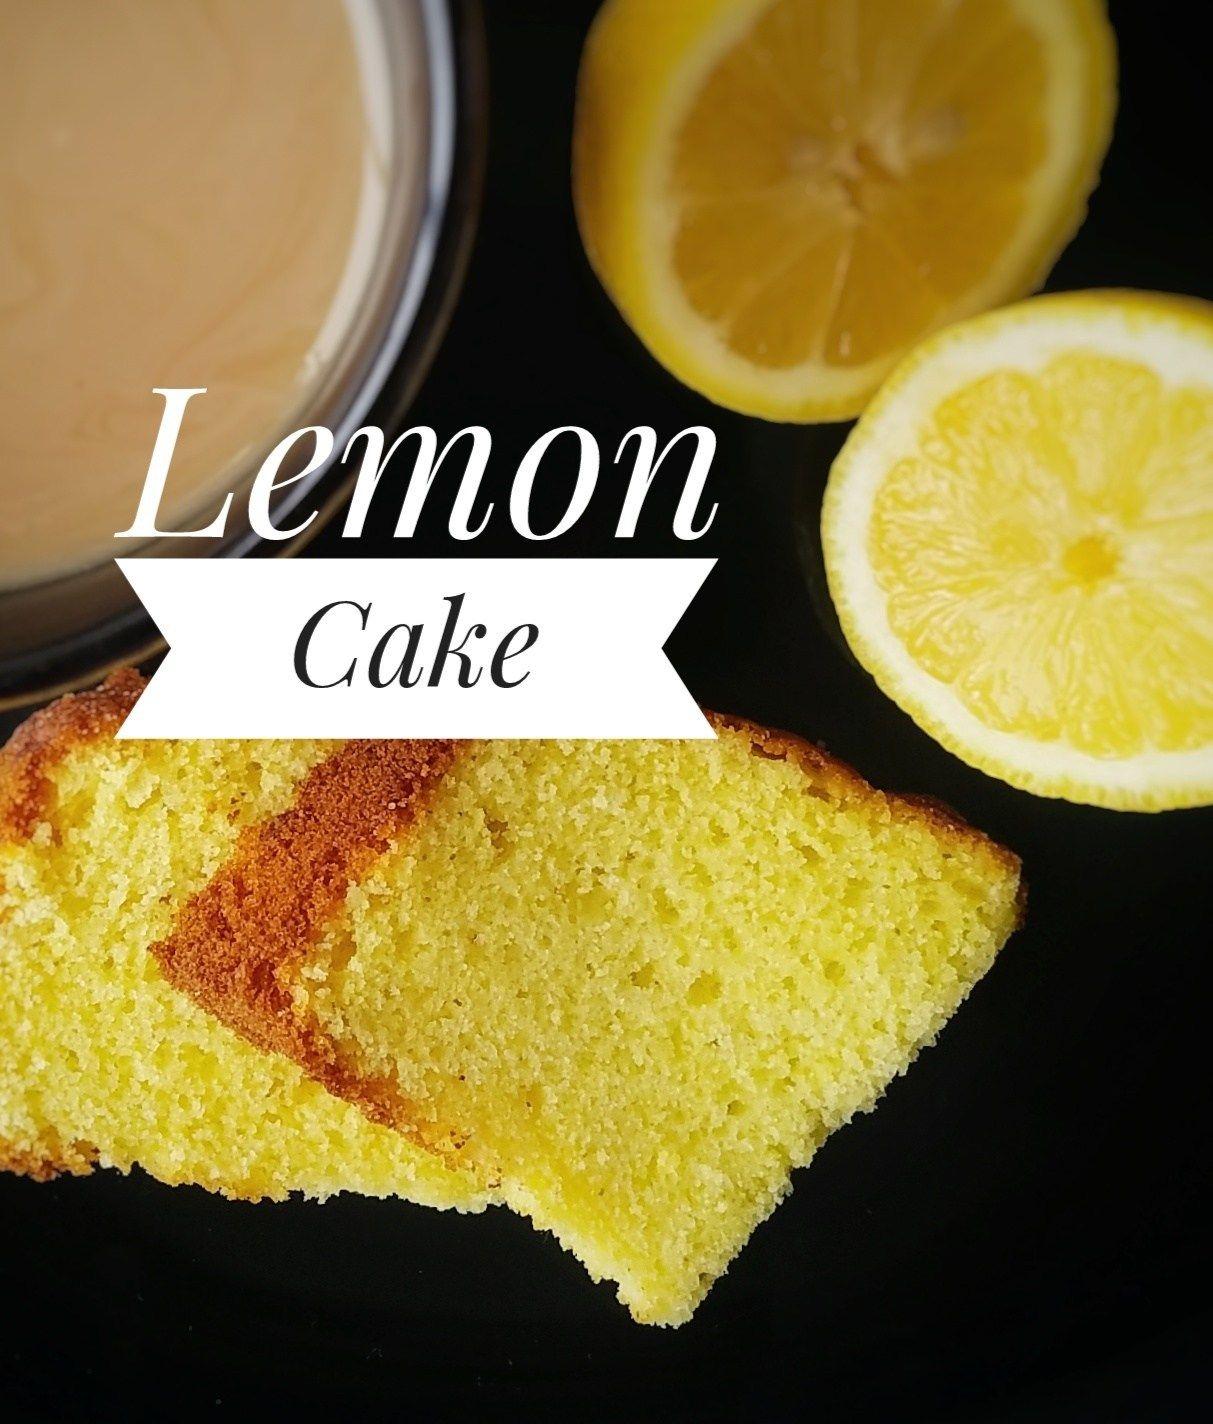 Easy Moist Lemon Cake Recipe Easy Peasy Lemon Squeezy This Easy Lemon Cake Recipe Is One That You Ll Easy Moist Lemon Cake Lemon Cake Easy Moist Lemon Cake